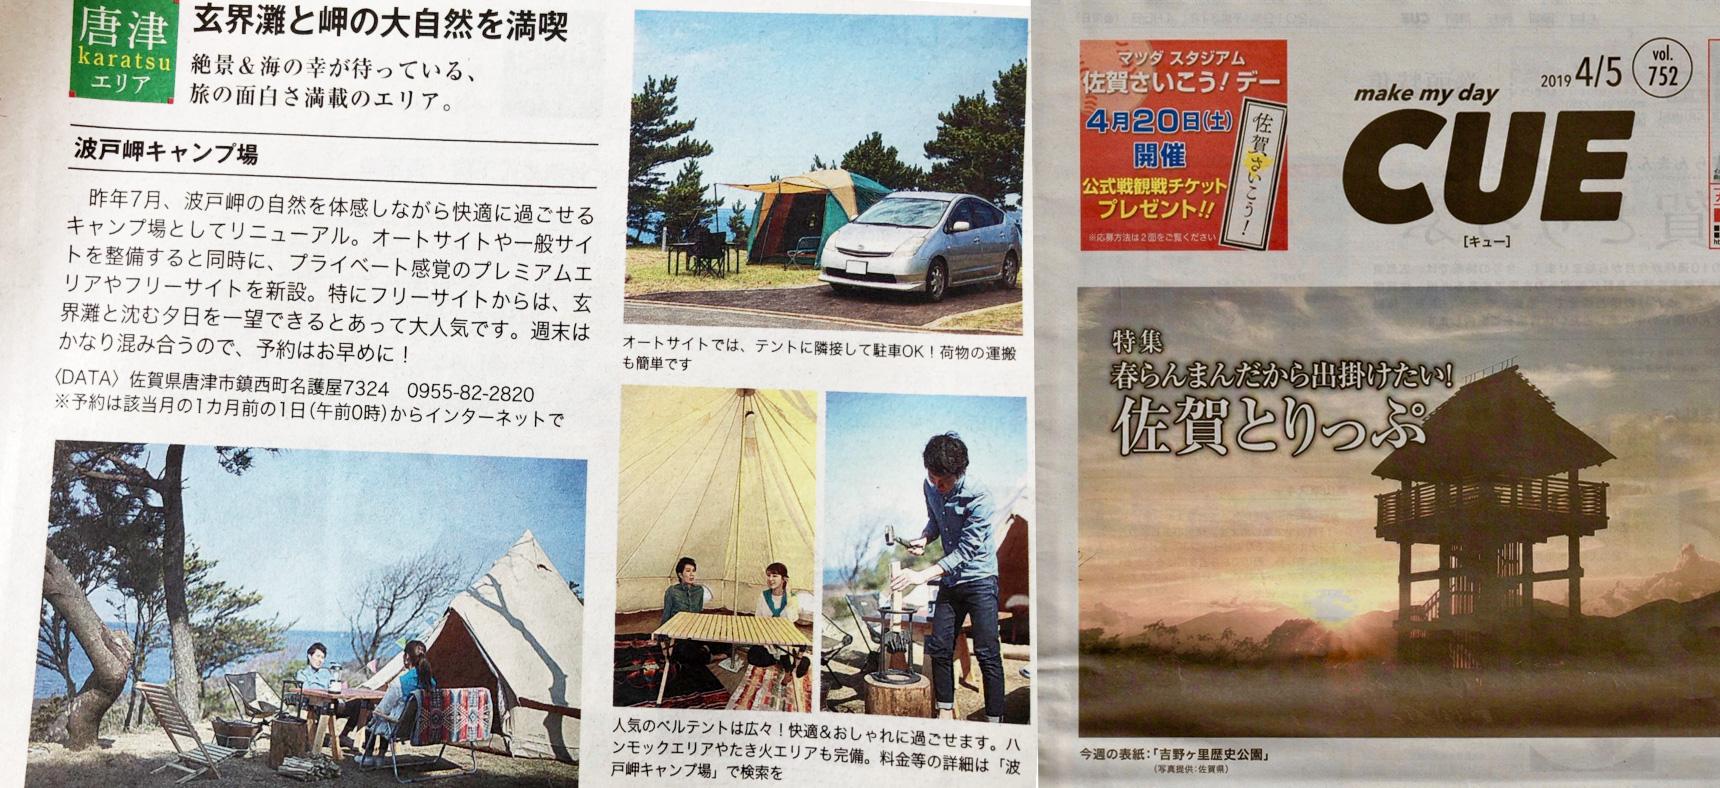 8ef072a5adf 中国新聞社さん発行、広島を中心として配られているフリーペーパー「CUE」にて、 佐賀特集という事で波戸岬キャンプ場を取り上げていただきました。